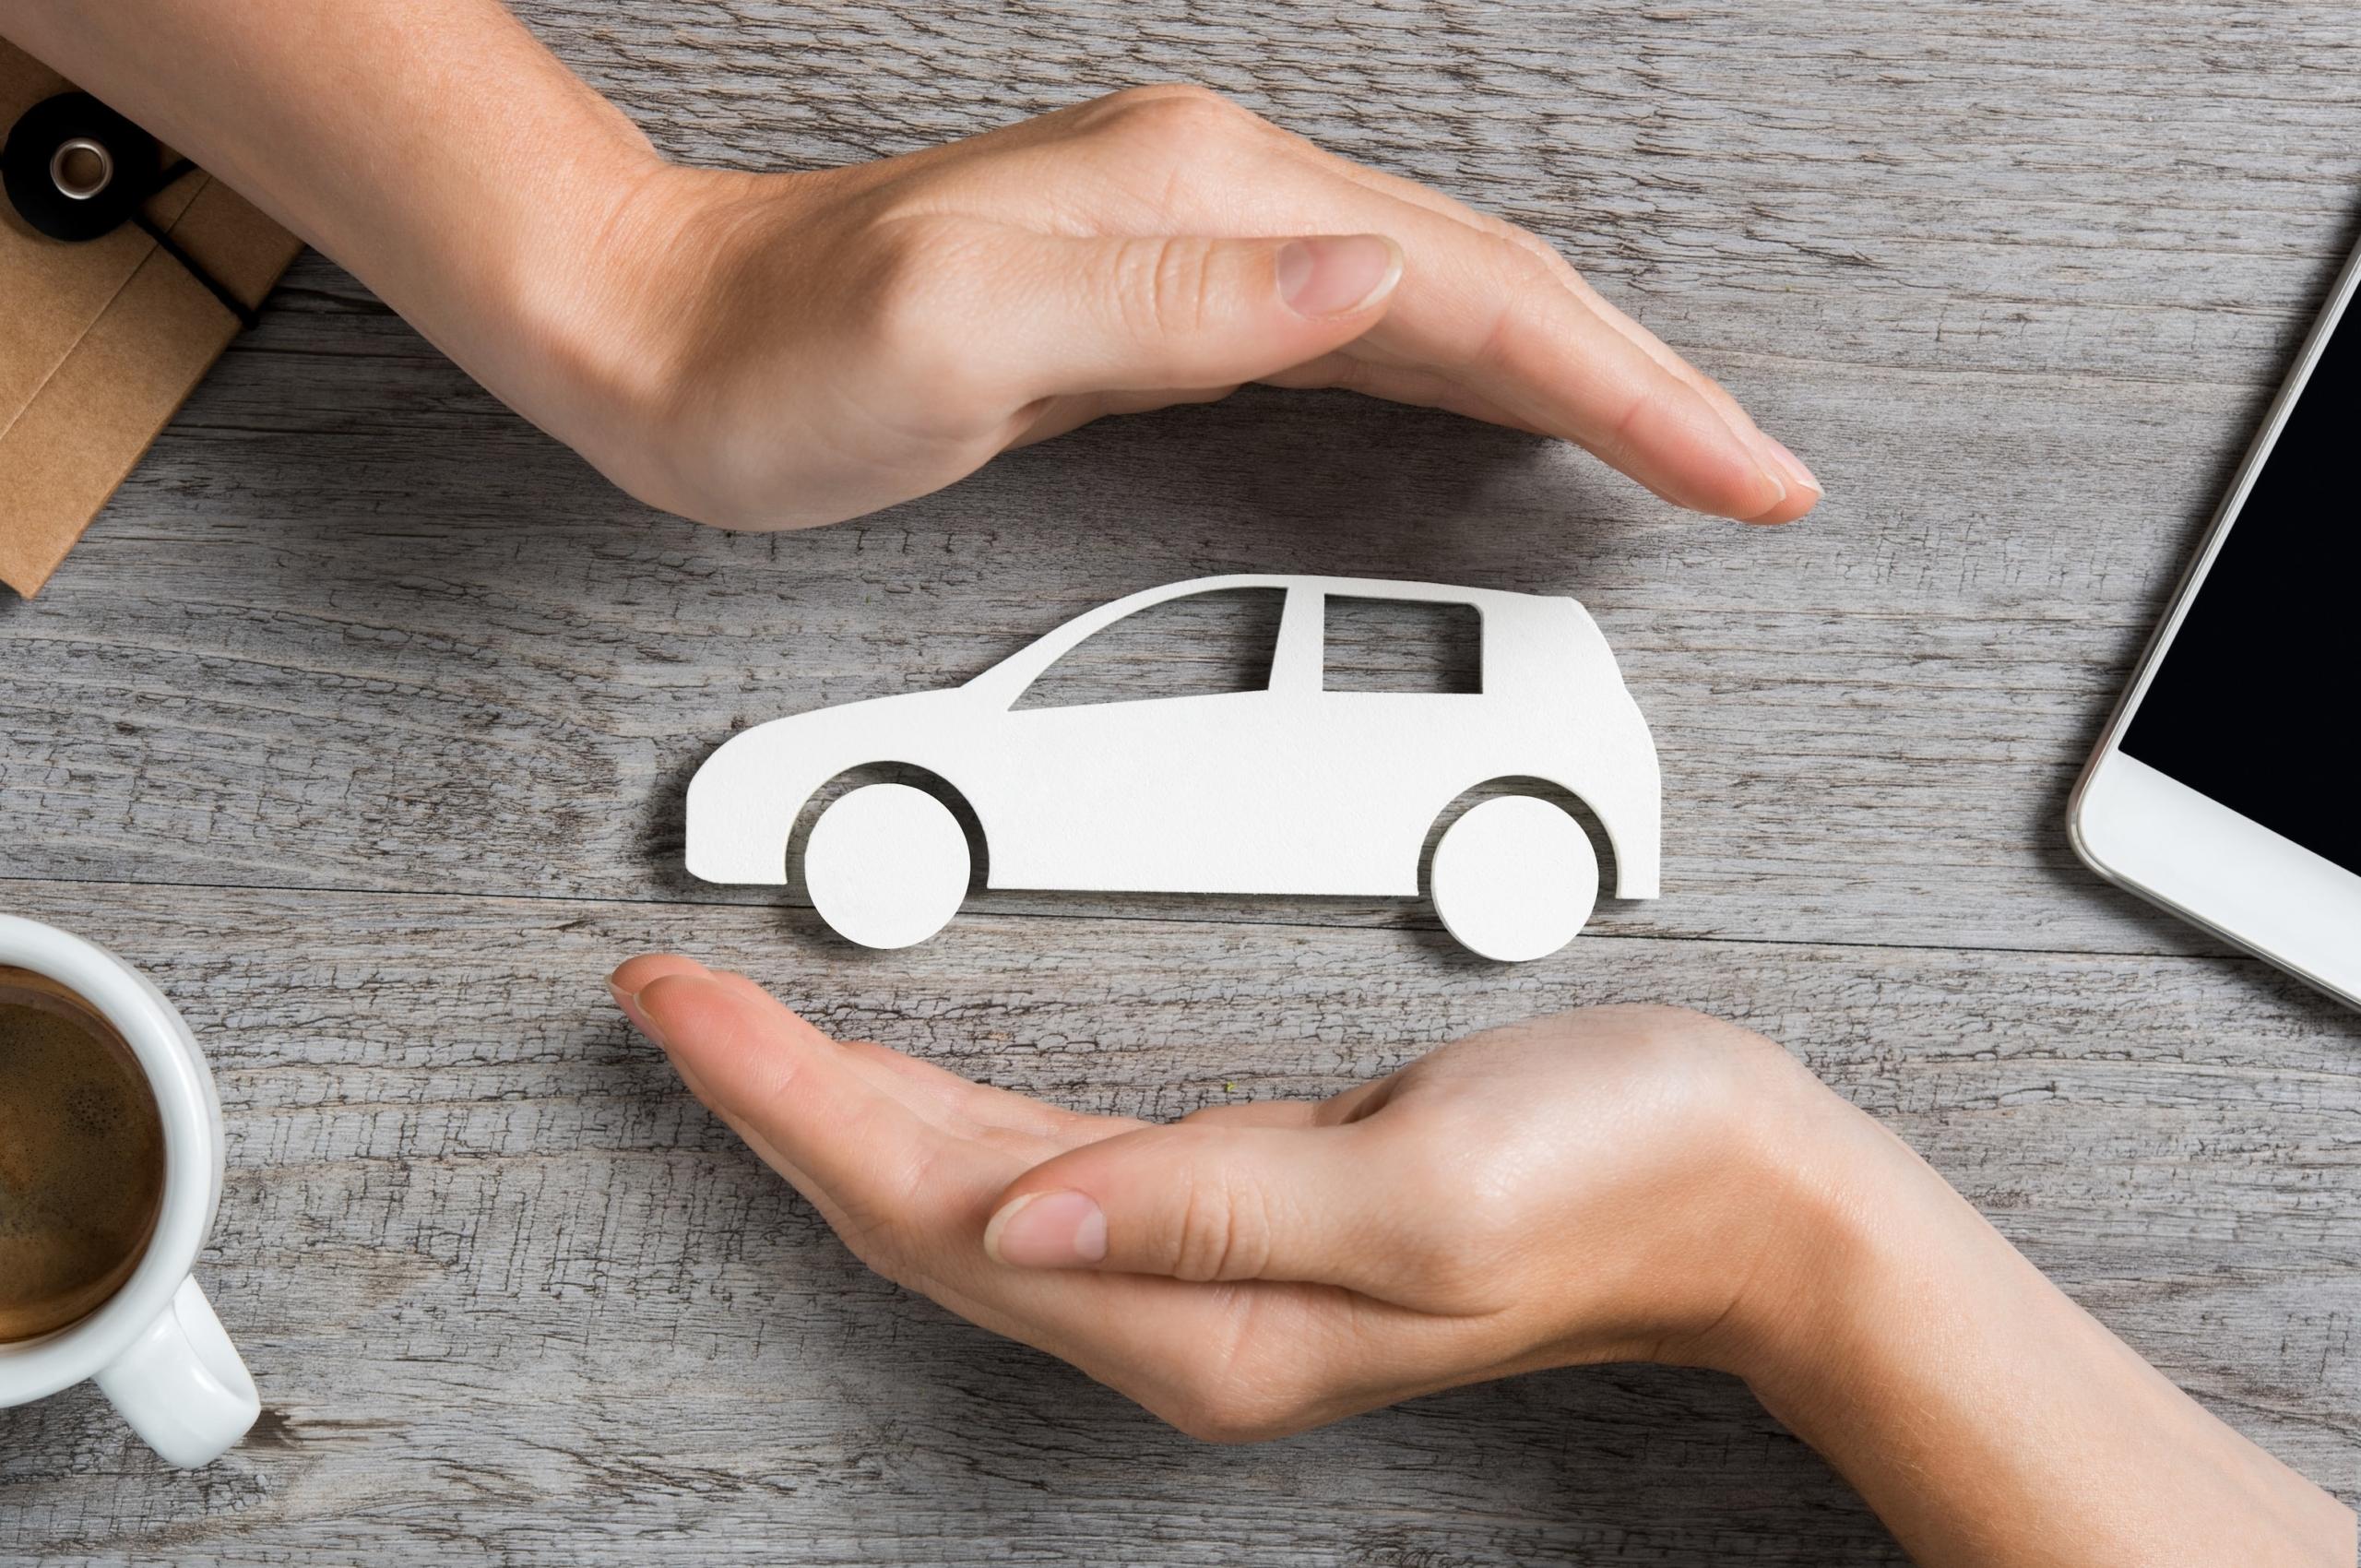 第二転換期に突入した保険業界がぶつかる壁、そして目指すべき場所とは。